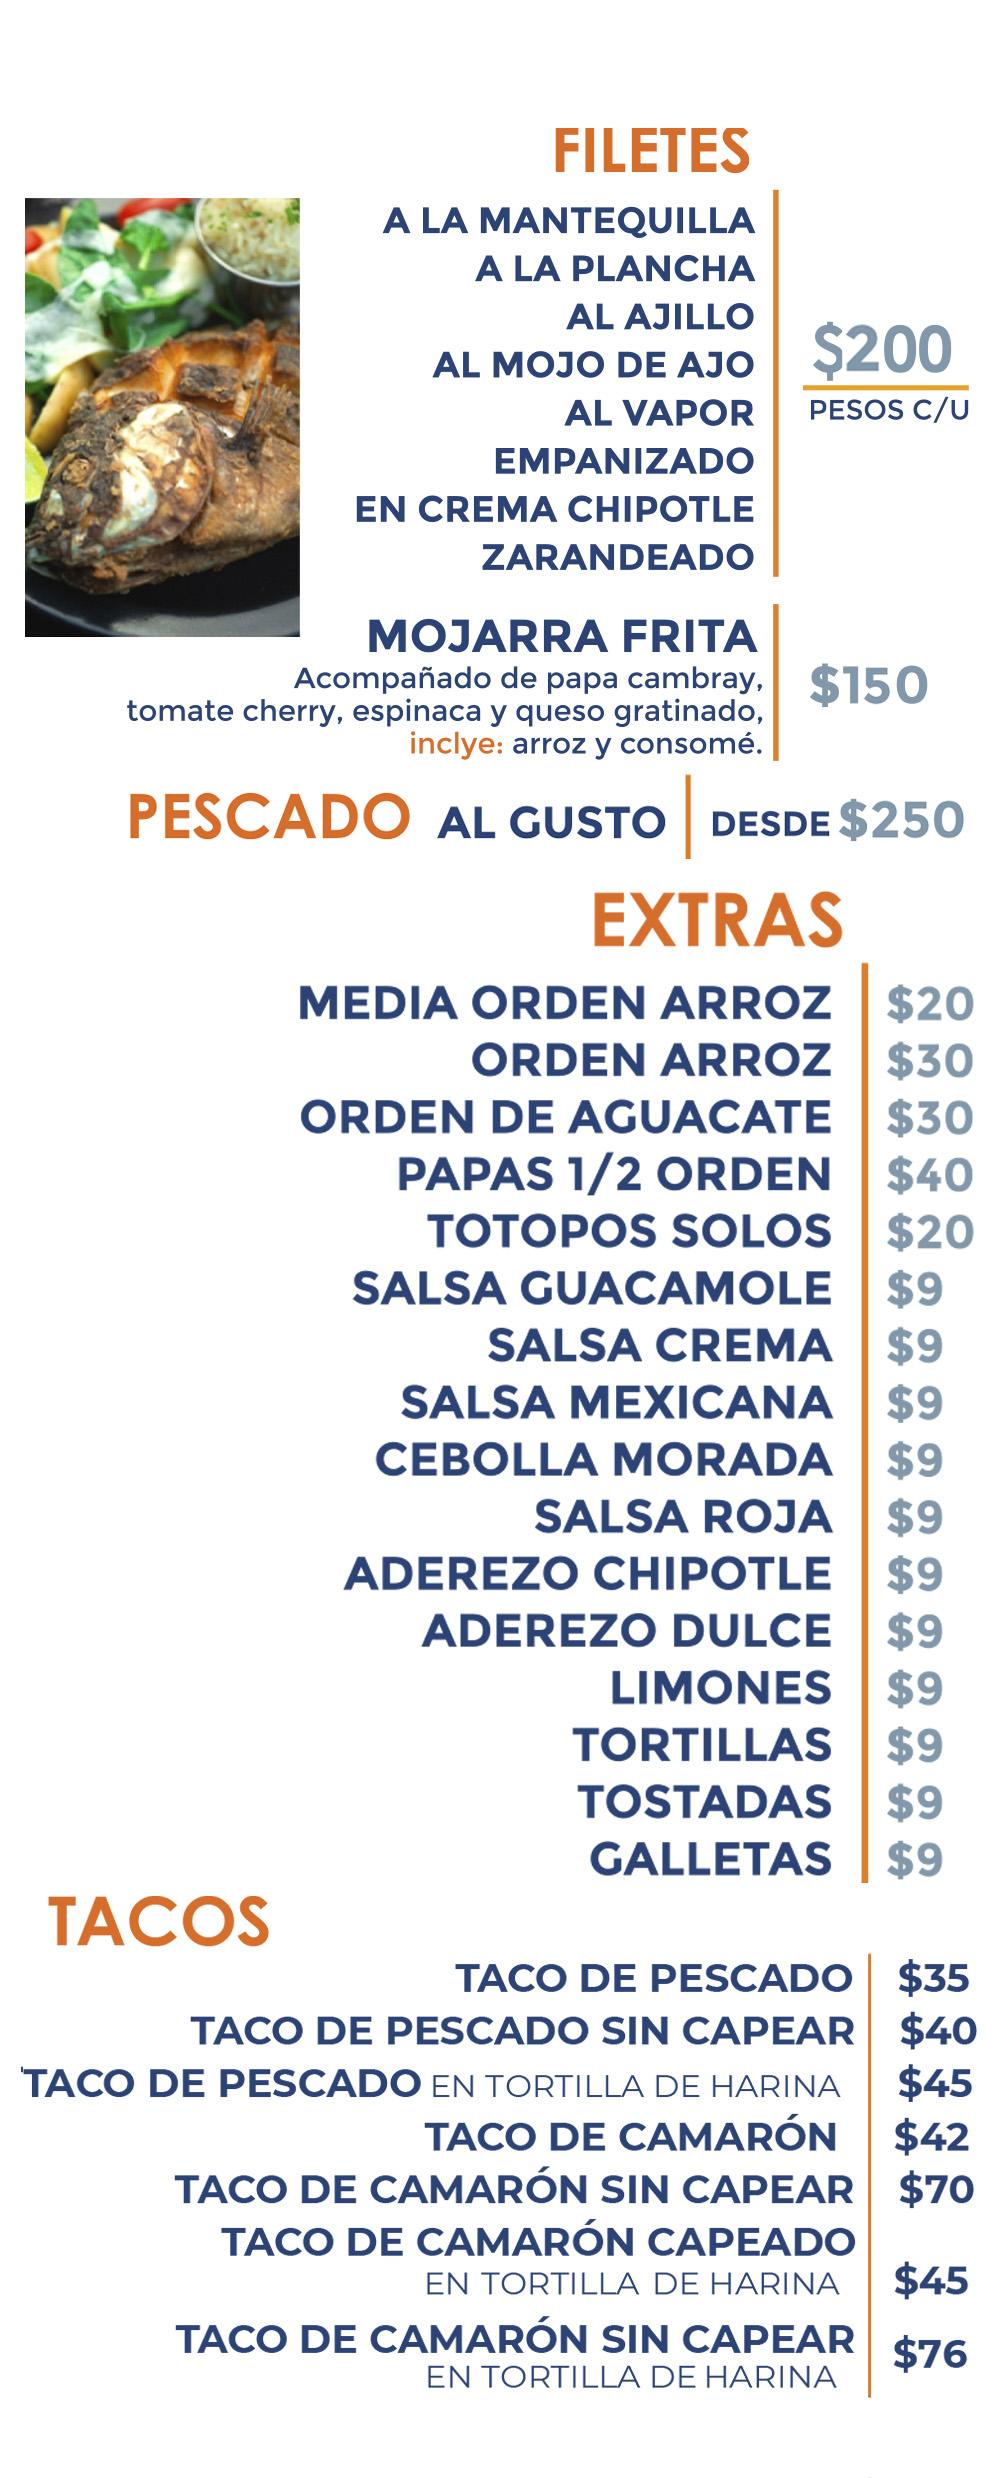 filetes mojarra frita y tacos